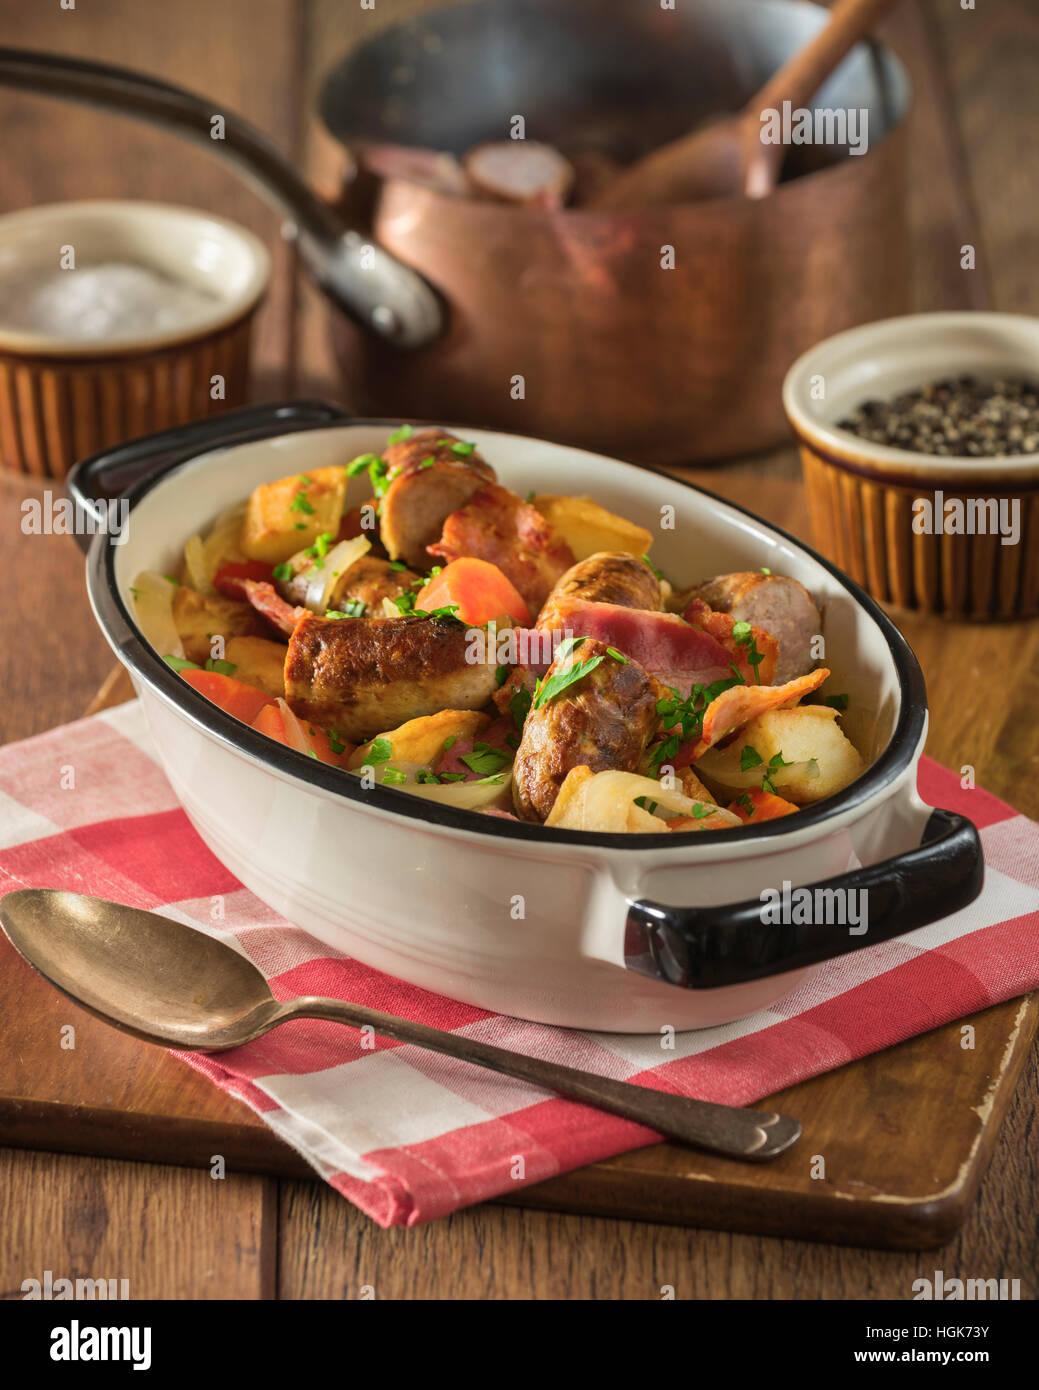 Dublín coddle. Patata tradicional irlandés, salchichas, tocino y estofado. Alimentos Irlanda Imagen De Stock